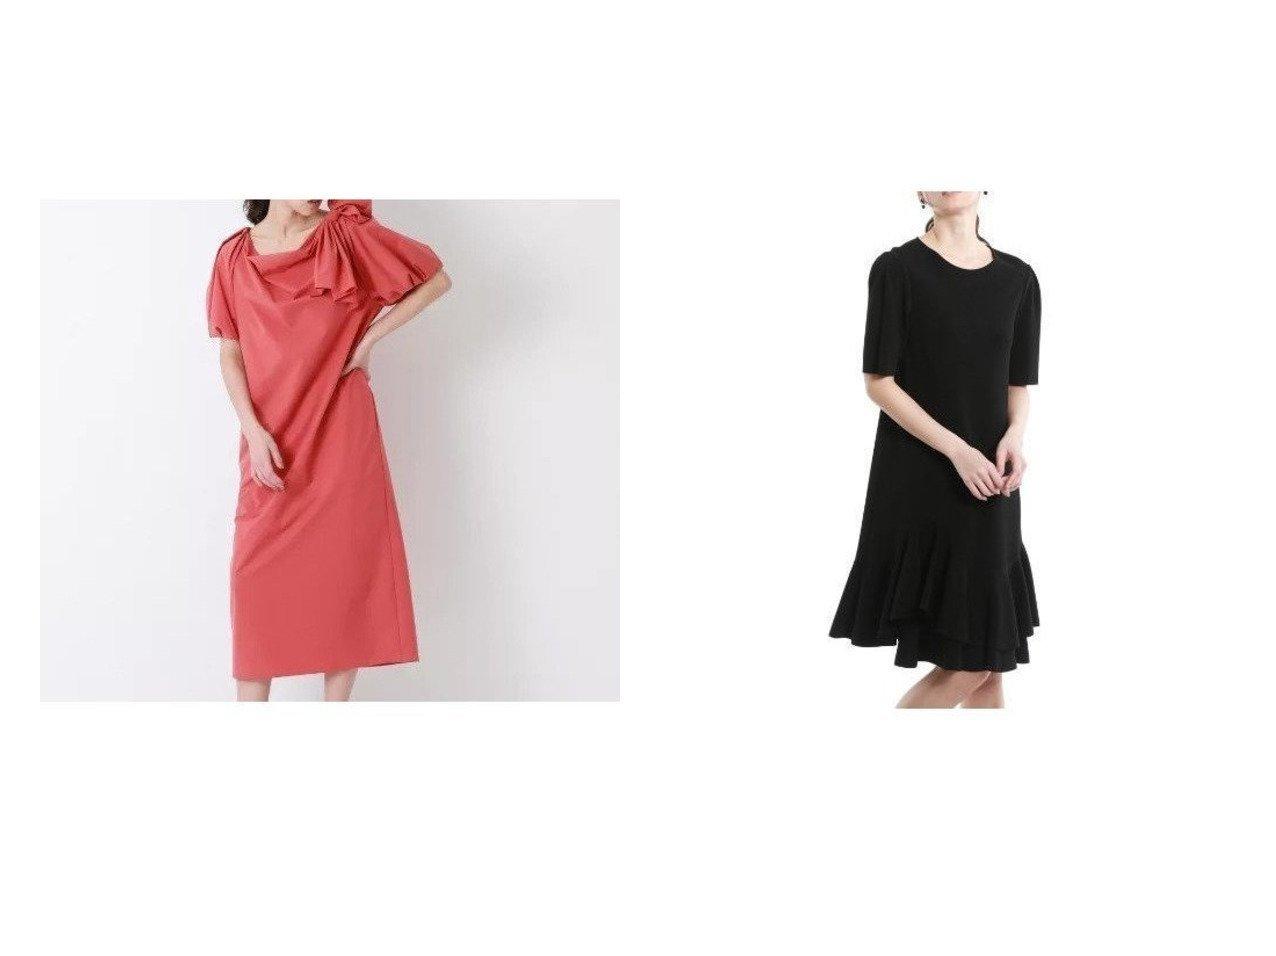 【EPOCA/エポカ】のキュプラベーシックフレアブラック ドレス&【FABRICA】サックドレス 【ワンピース・ドレス】おすすめ!人気、トレンド・レディースファッションの通販 おすすめで人気の流行・トレンド、ファッションの通販商品 インテリア・家具・メンズファッション・キッズファッション・レディースファッション・服の通販 founy(ファニー) https://founy.com/ ファッション Fashion レディースファッション WOMEN ワンピース Dress ドレス Party Dresses ストレッチ ドレス ドレープ フォーマル フレア 定番 Standard タフタ フォルム リボン  ID:crp329100000045564